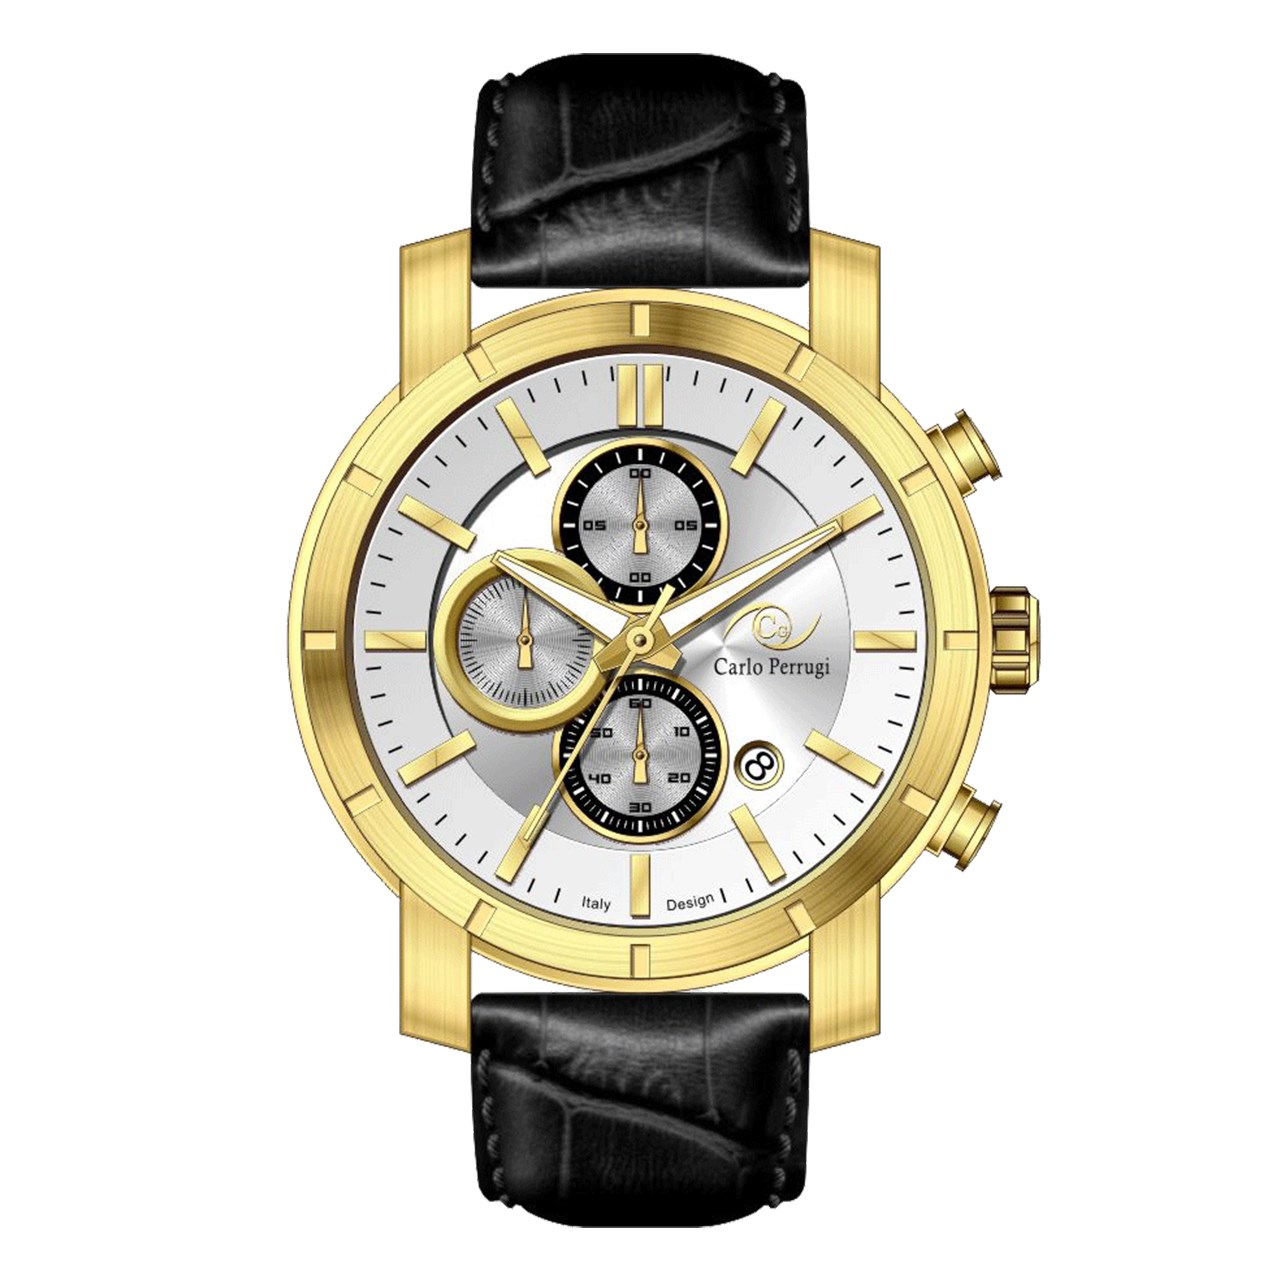 ساعت مچی عقربه ای مردانه کارلو پروجی مدل CG2052-4